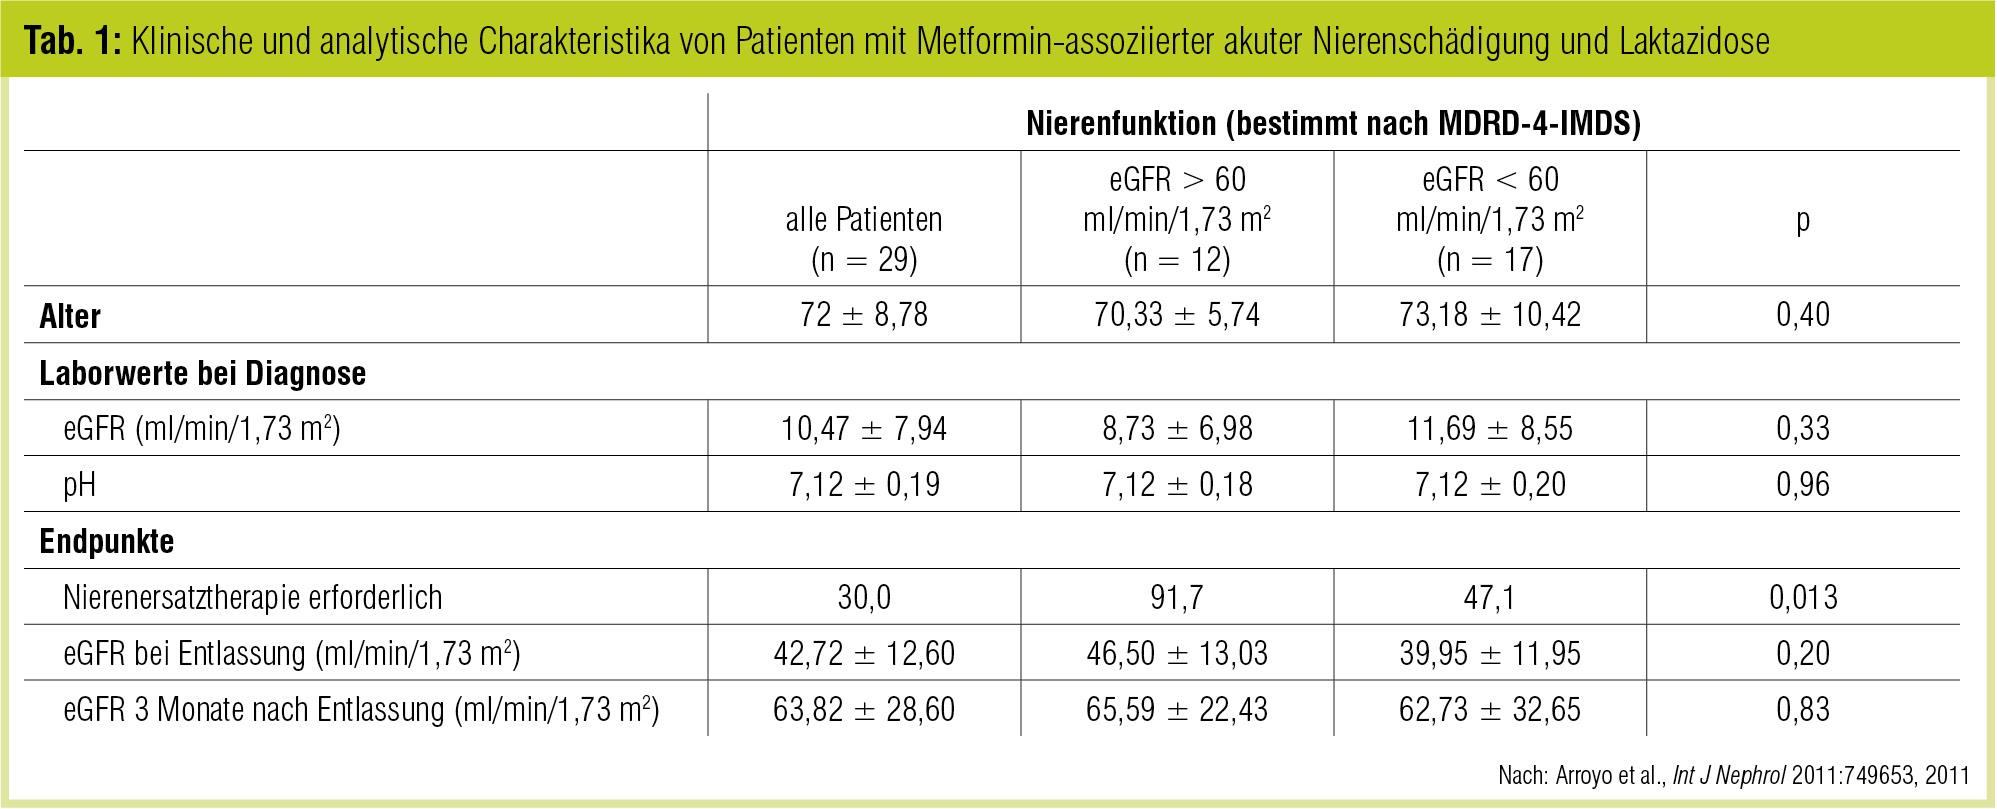 nichtsteroidale antiphlogistika ibuprofen